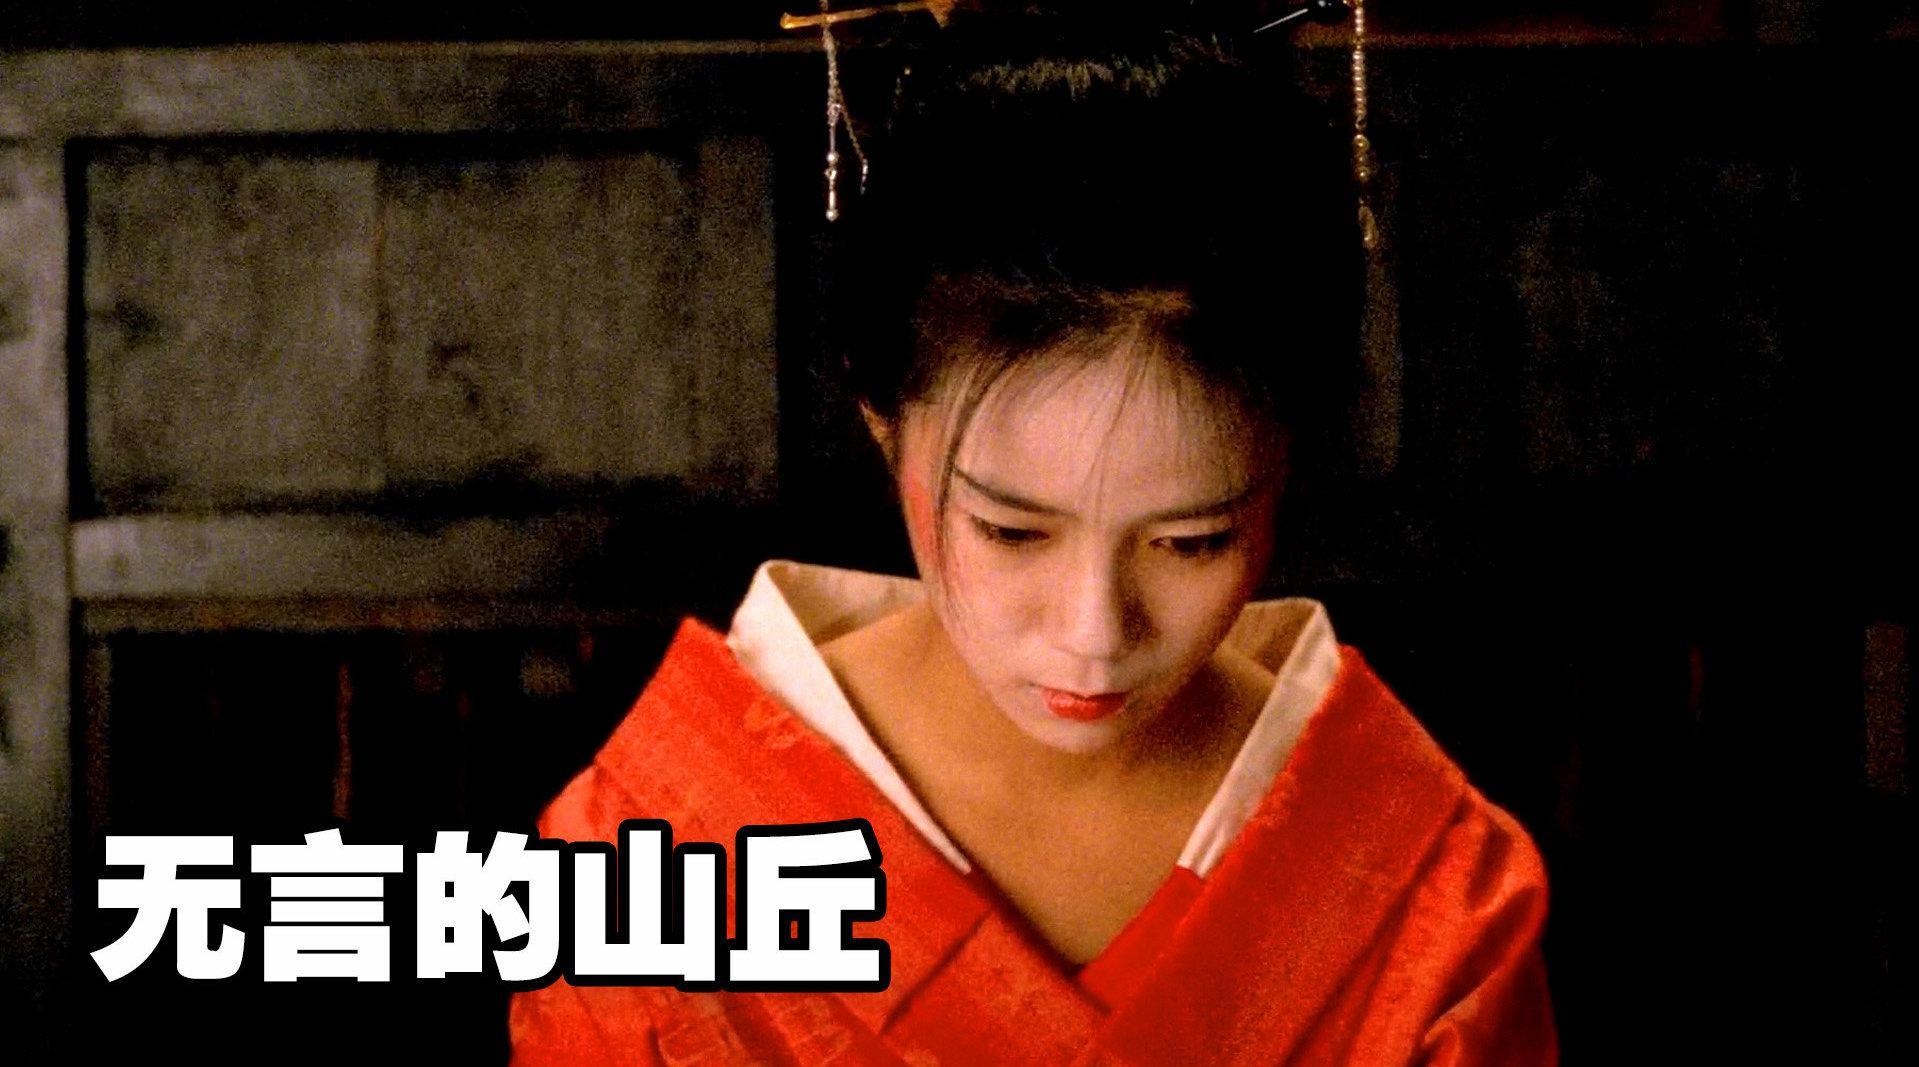 评分9.2,冷门华语神作,矿工和妓女的淘金梦!